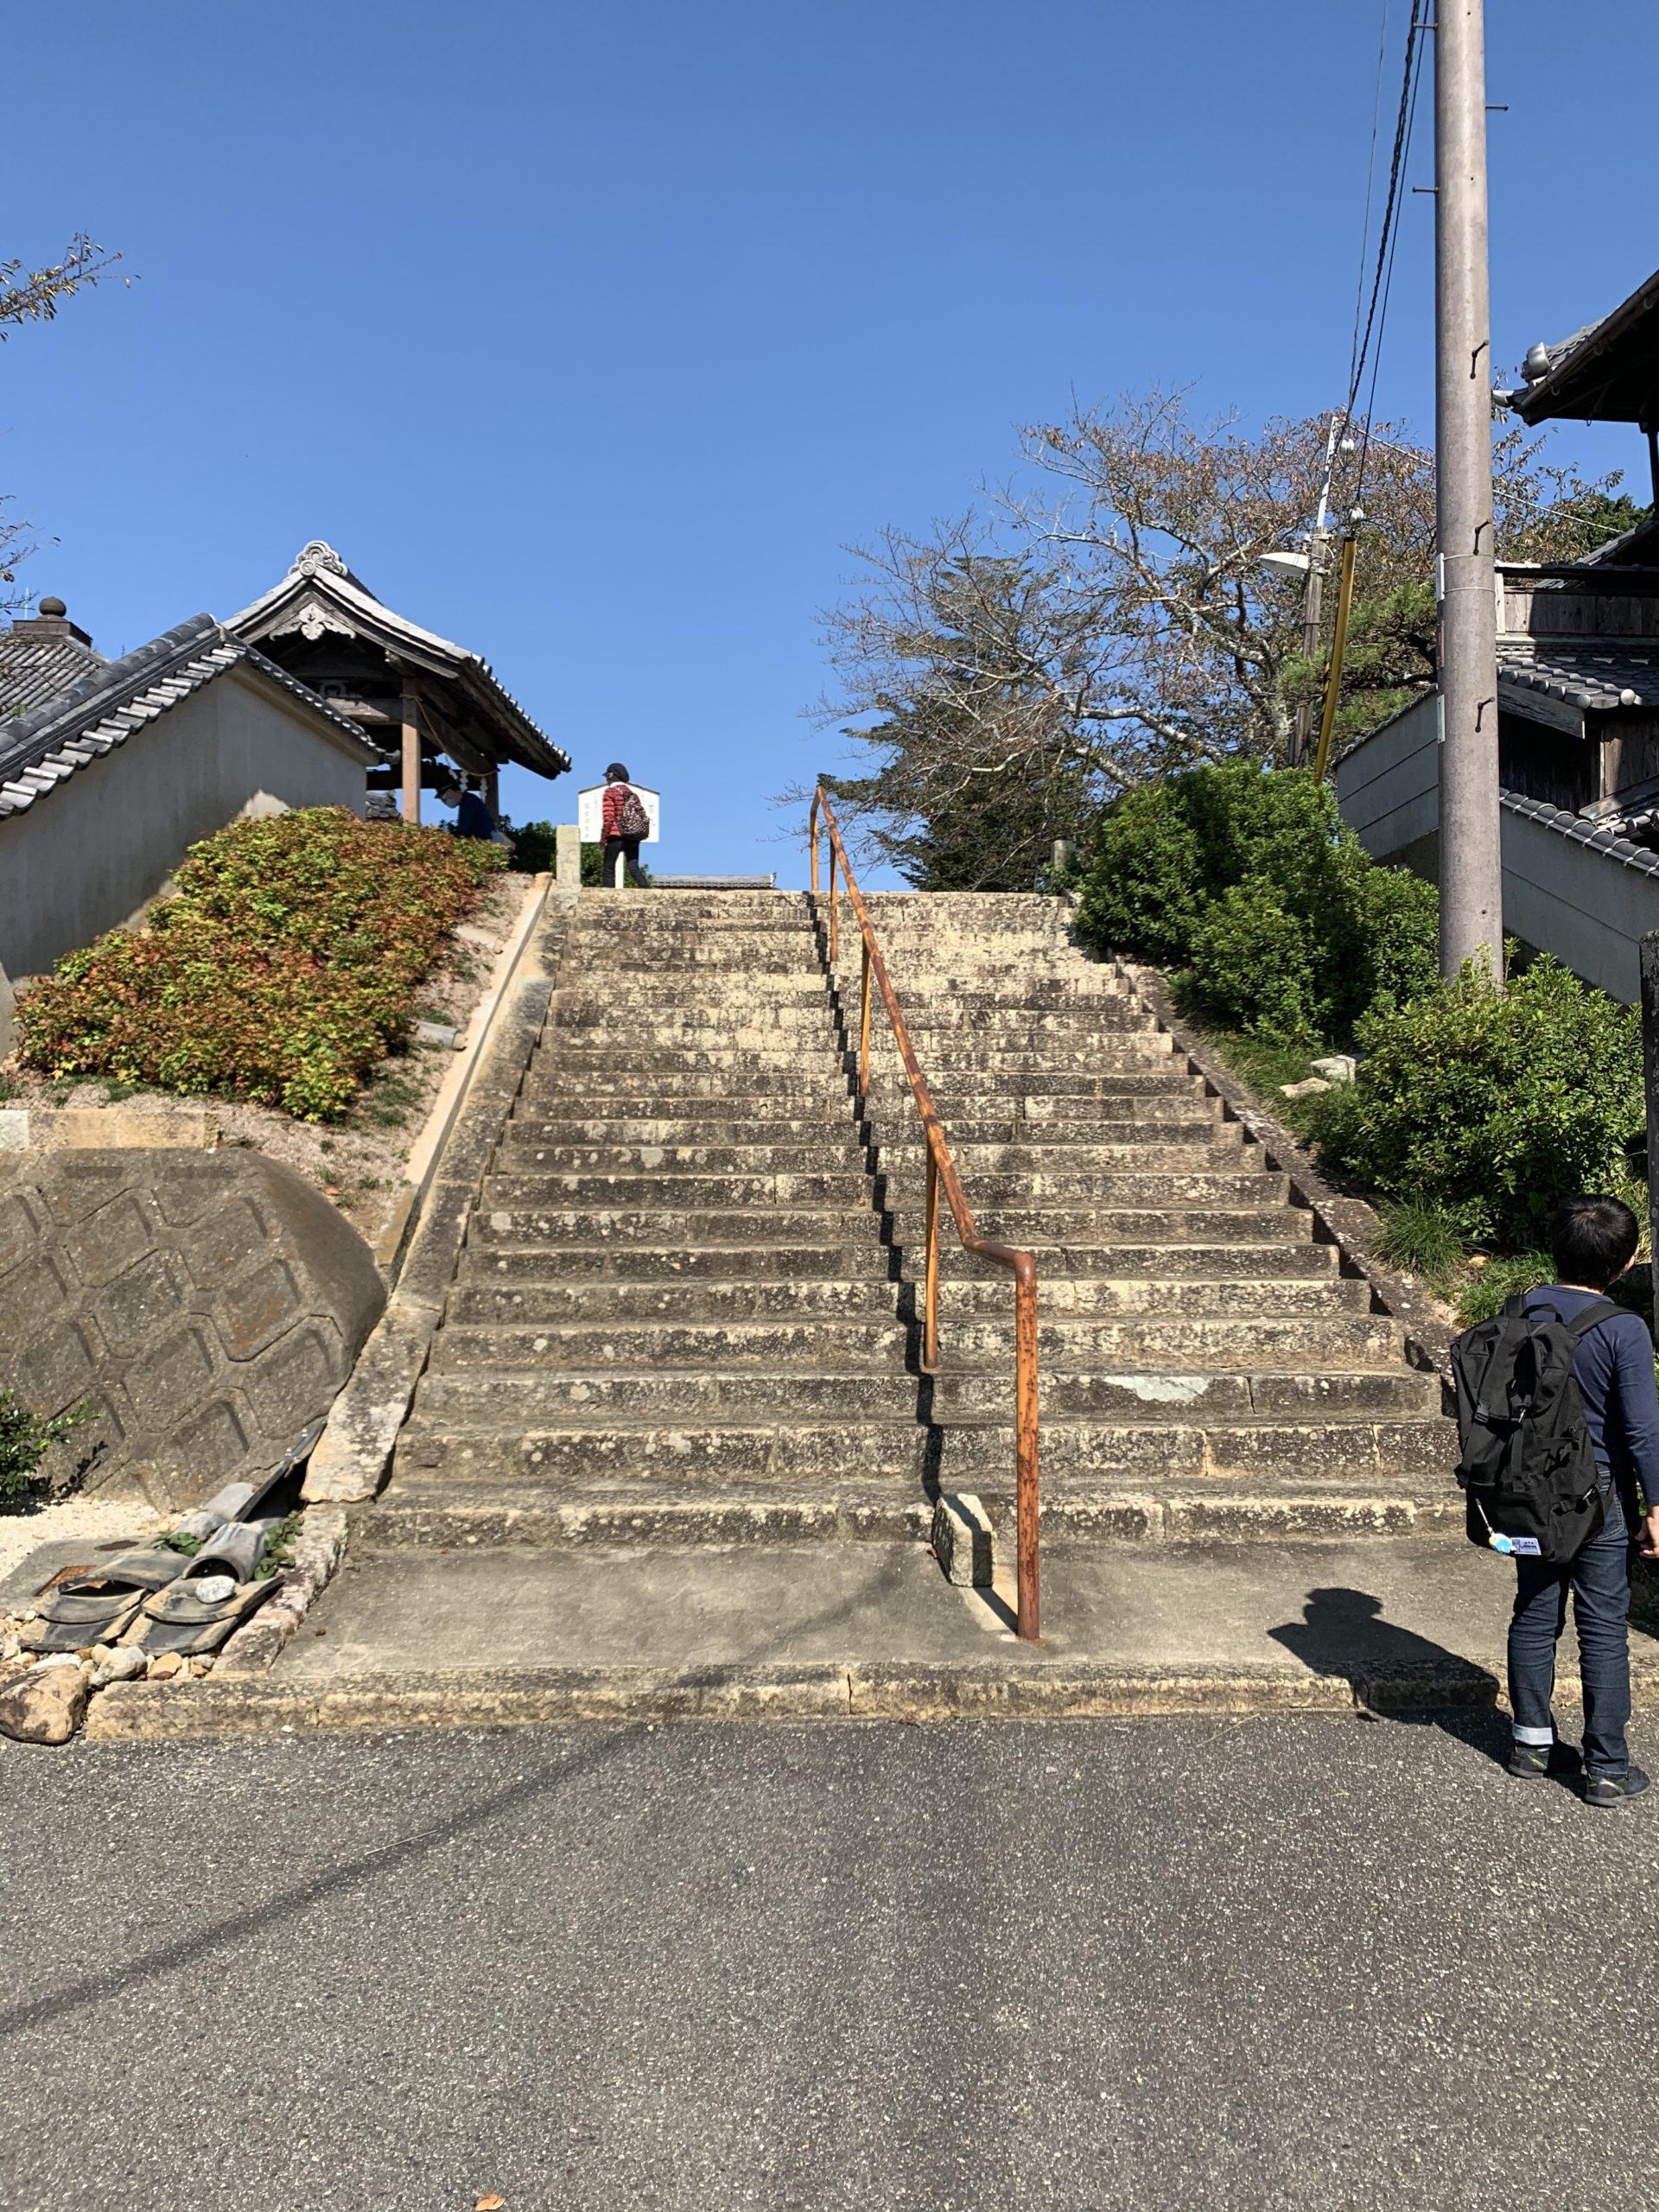 駐車場からちょっと歩くと浄土寺に入る階段が!